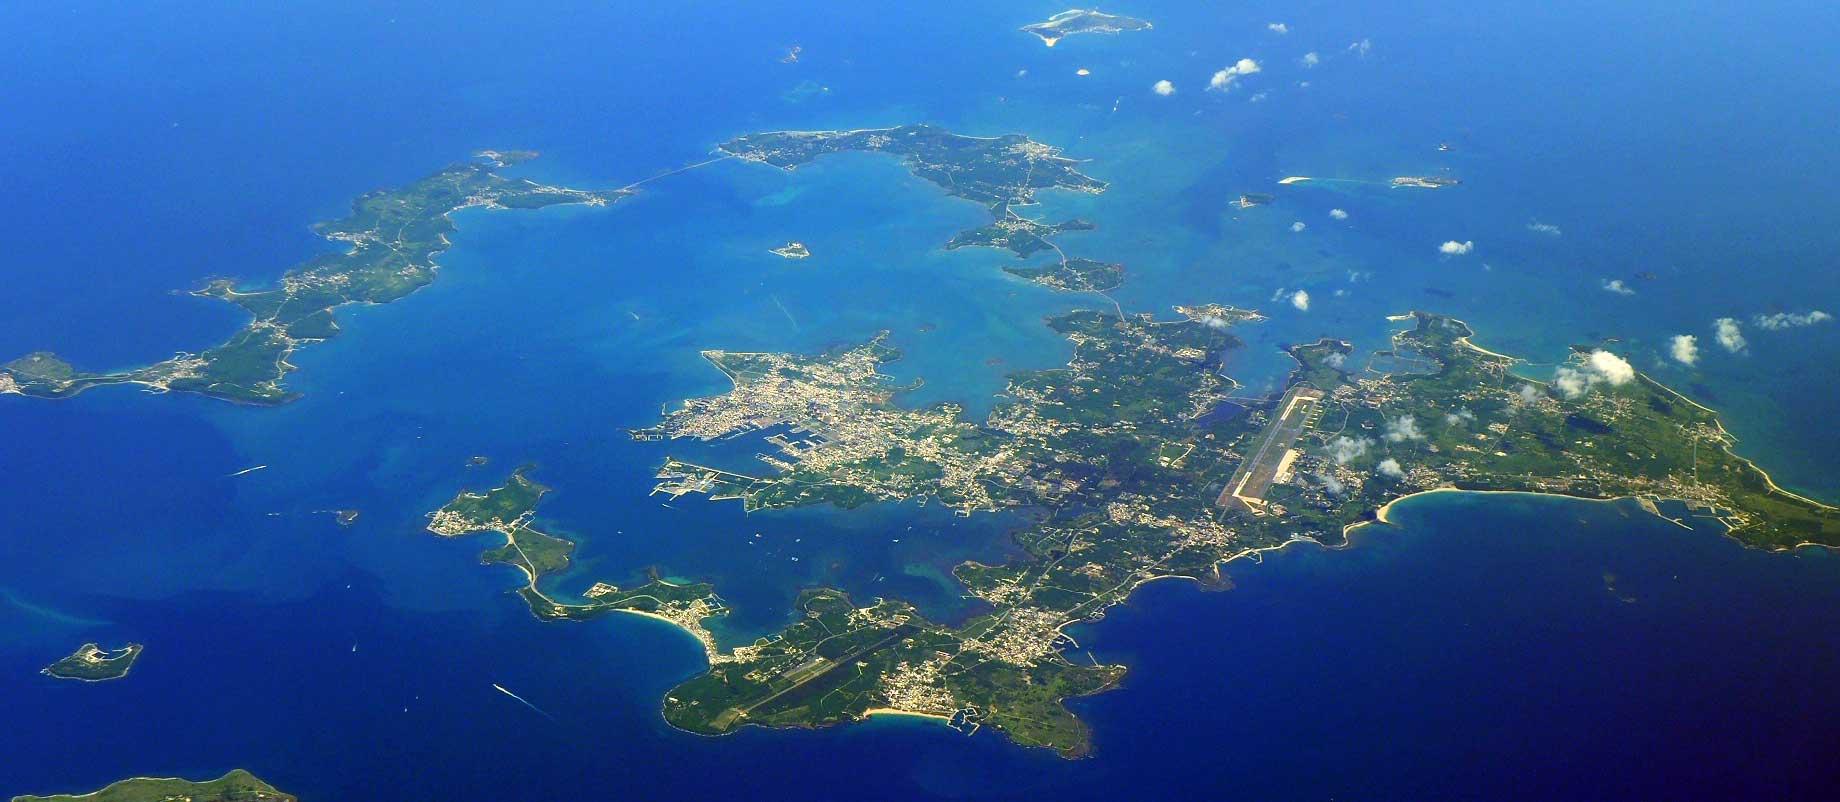 penghu taiwan kitesurfing asia rh kitesurfing asia com